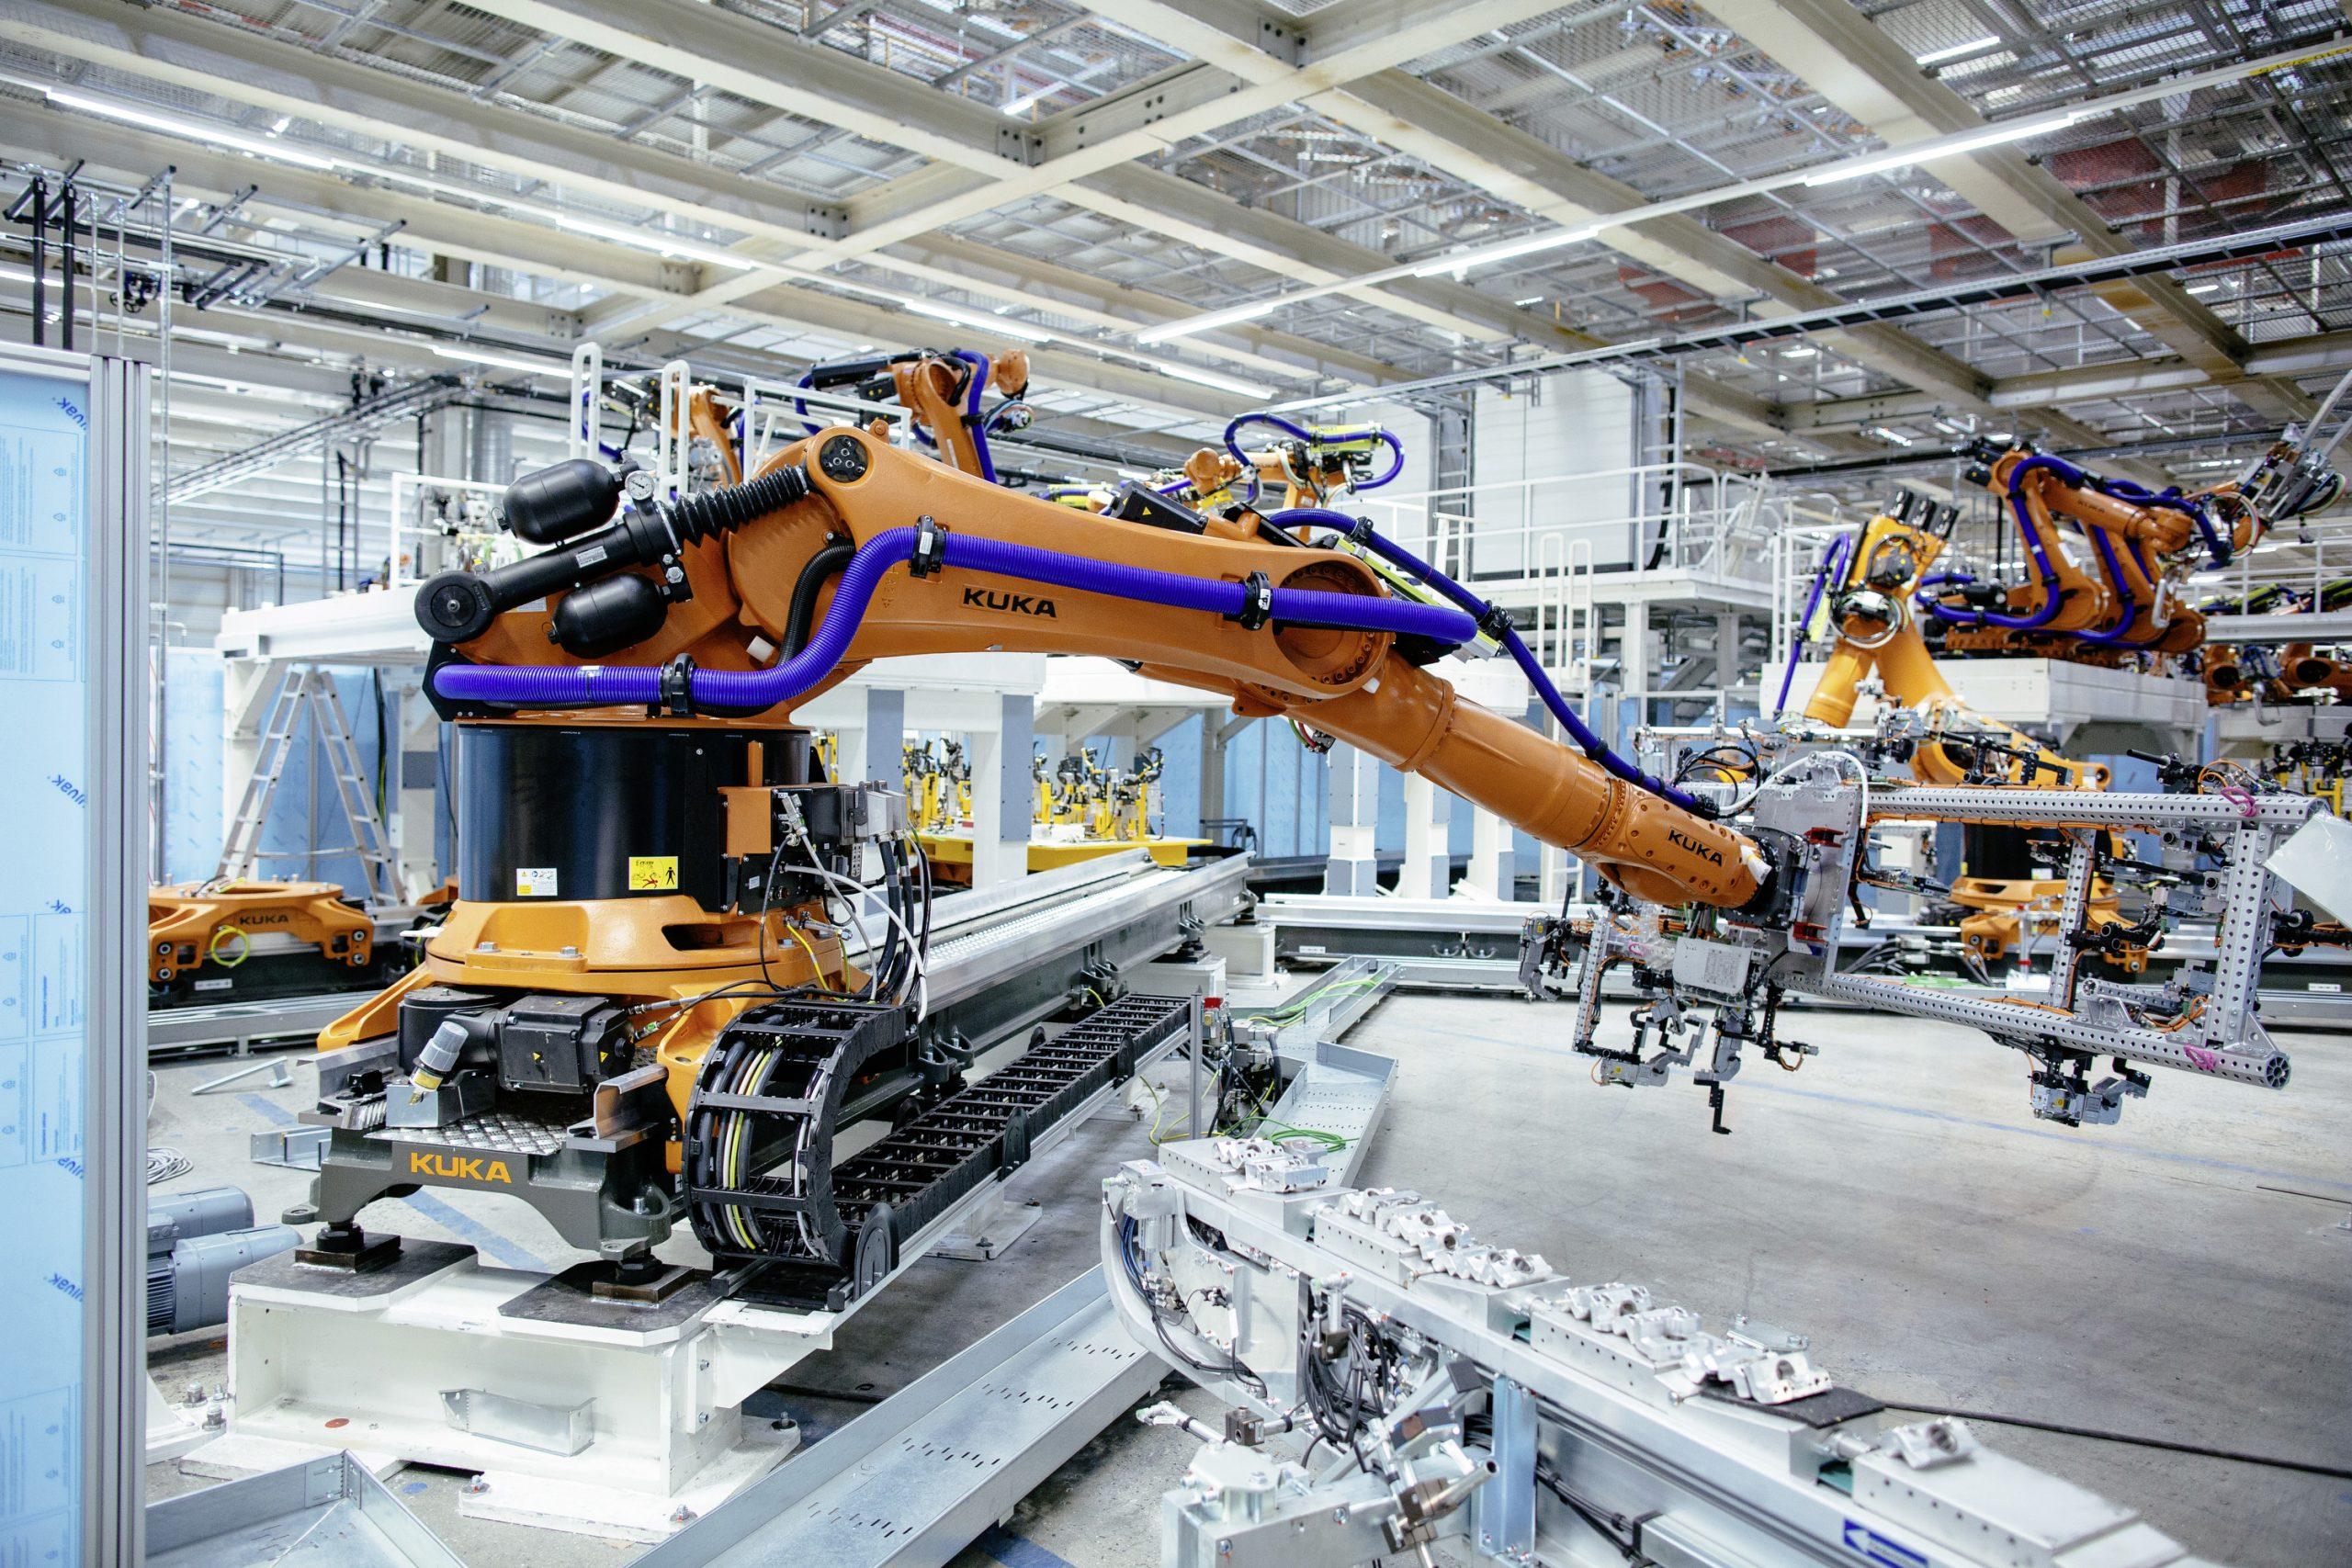 Blick ins VW-Werk Zwickau — Fertigungsstraße im Aufbau (Bild: Oliver Killig, ©Volkswagen AG)